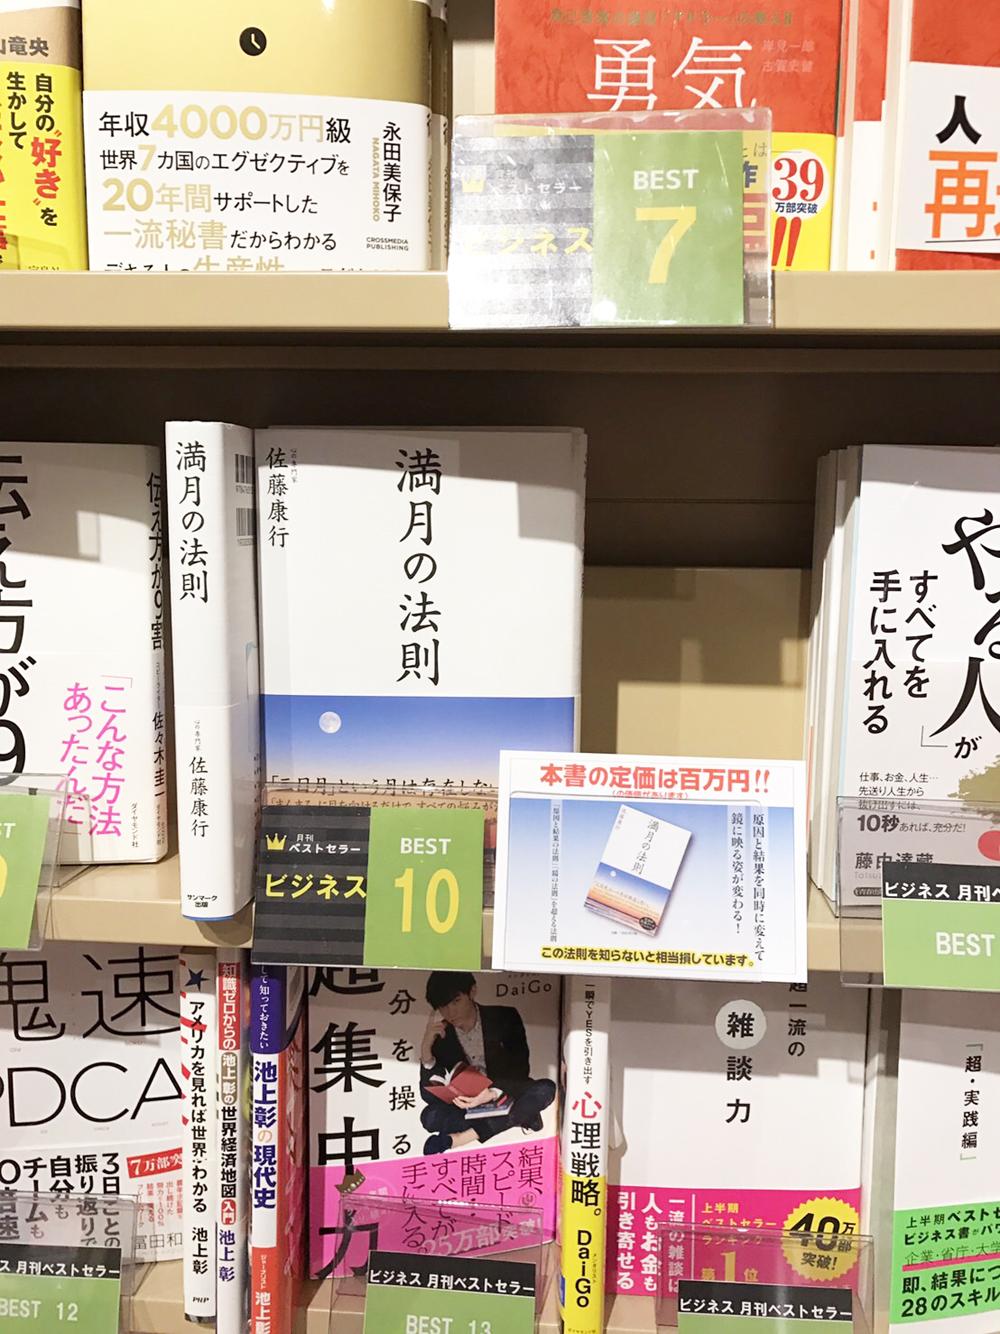 大阪のTSUTAYA戒橋店